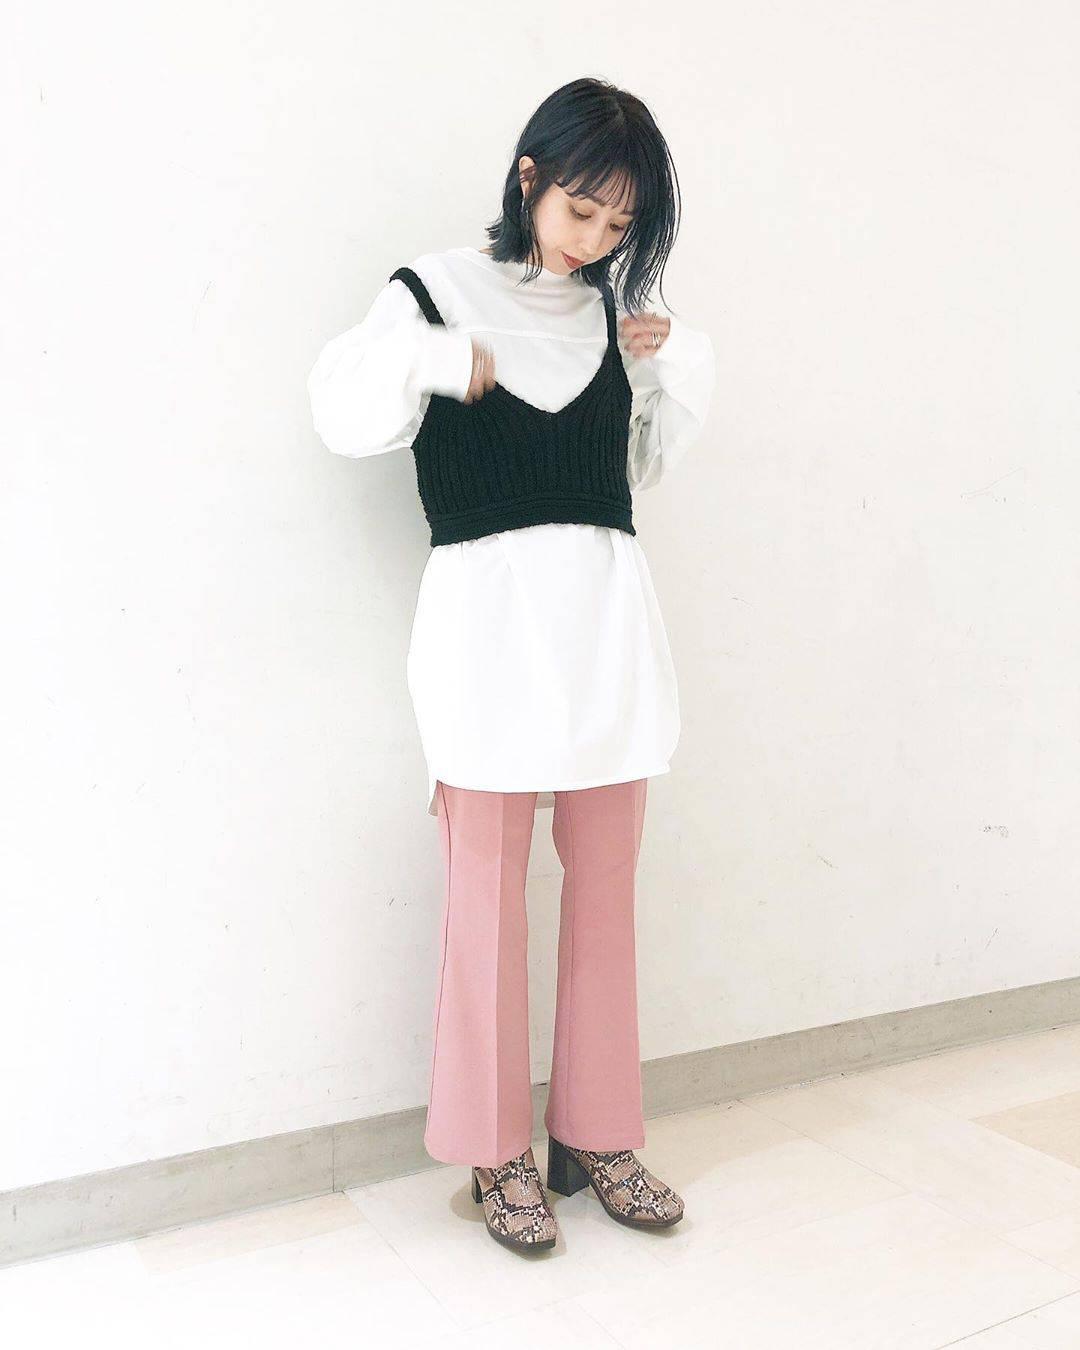 最高気温14度・最低気温2度 akaririri_1022の服装